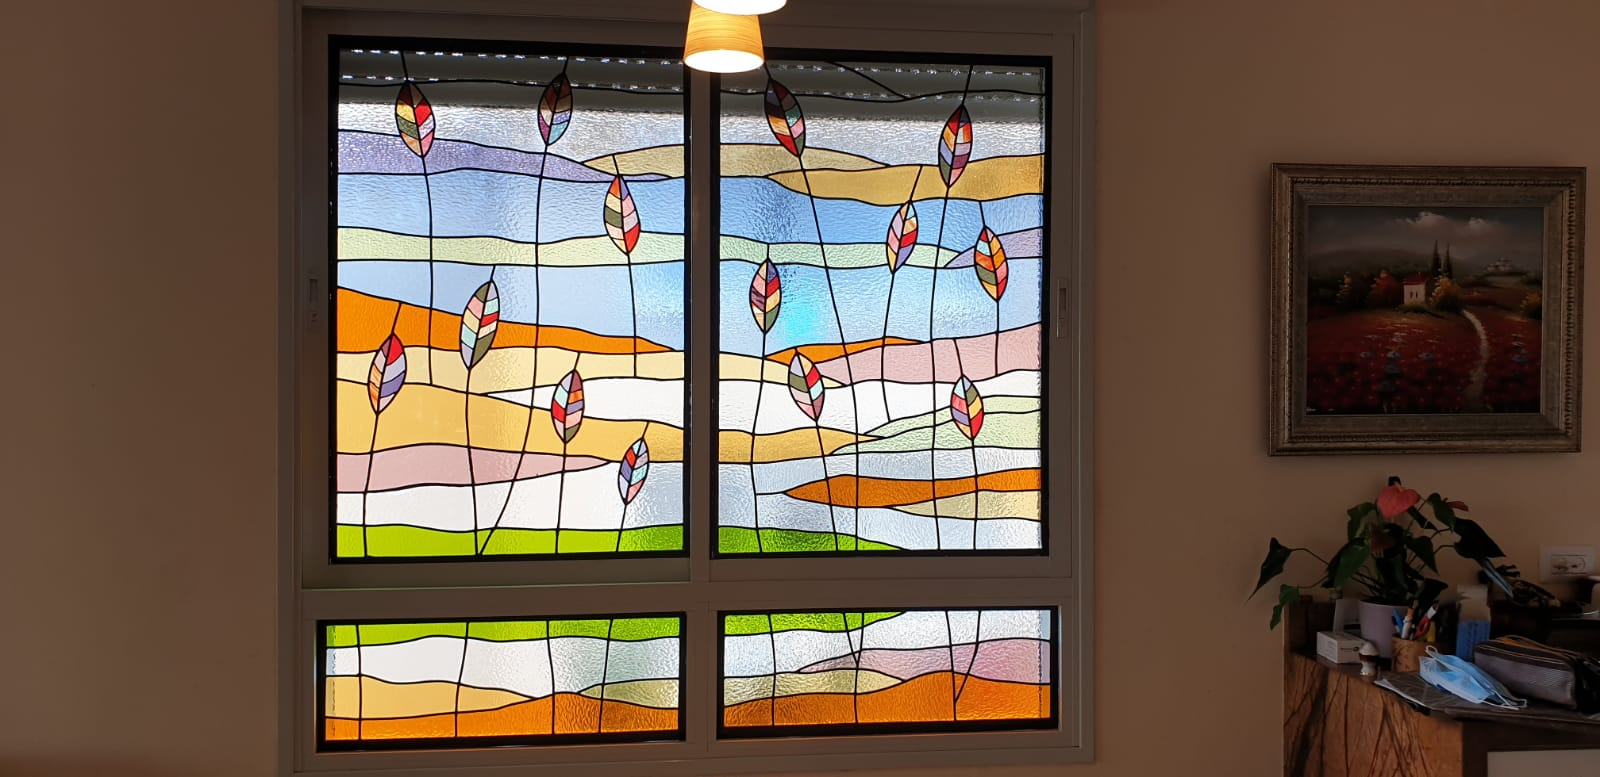 חלונות הויטראז המעוצבים